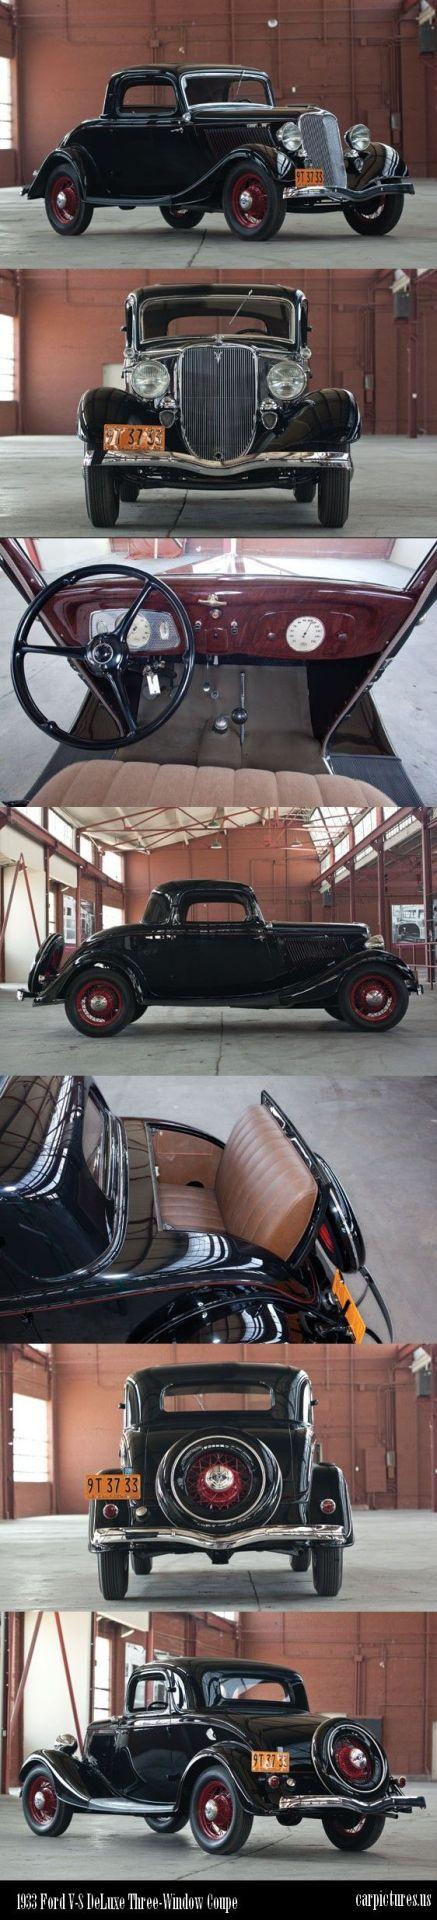 1956 ford customline wagon old car hunt - 1933 Ford